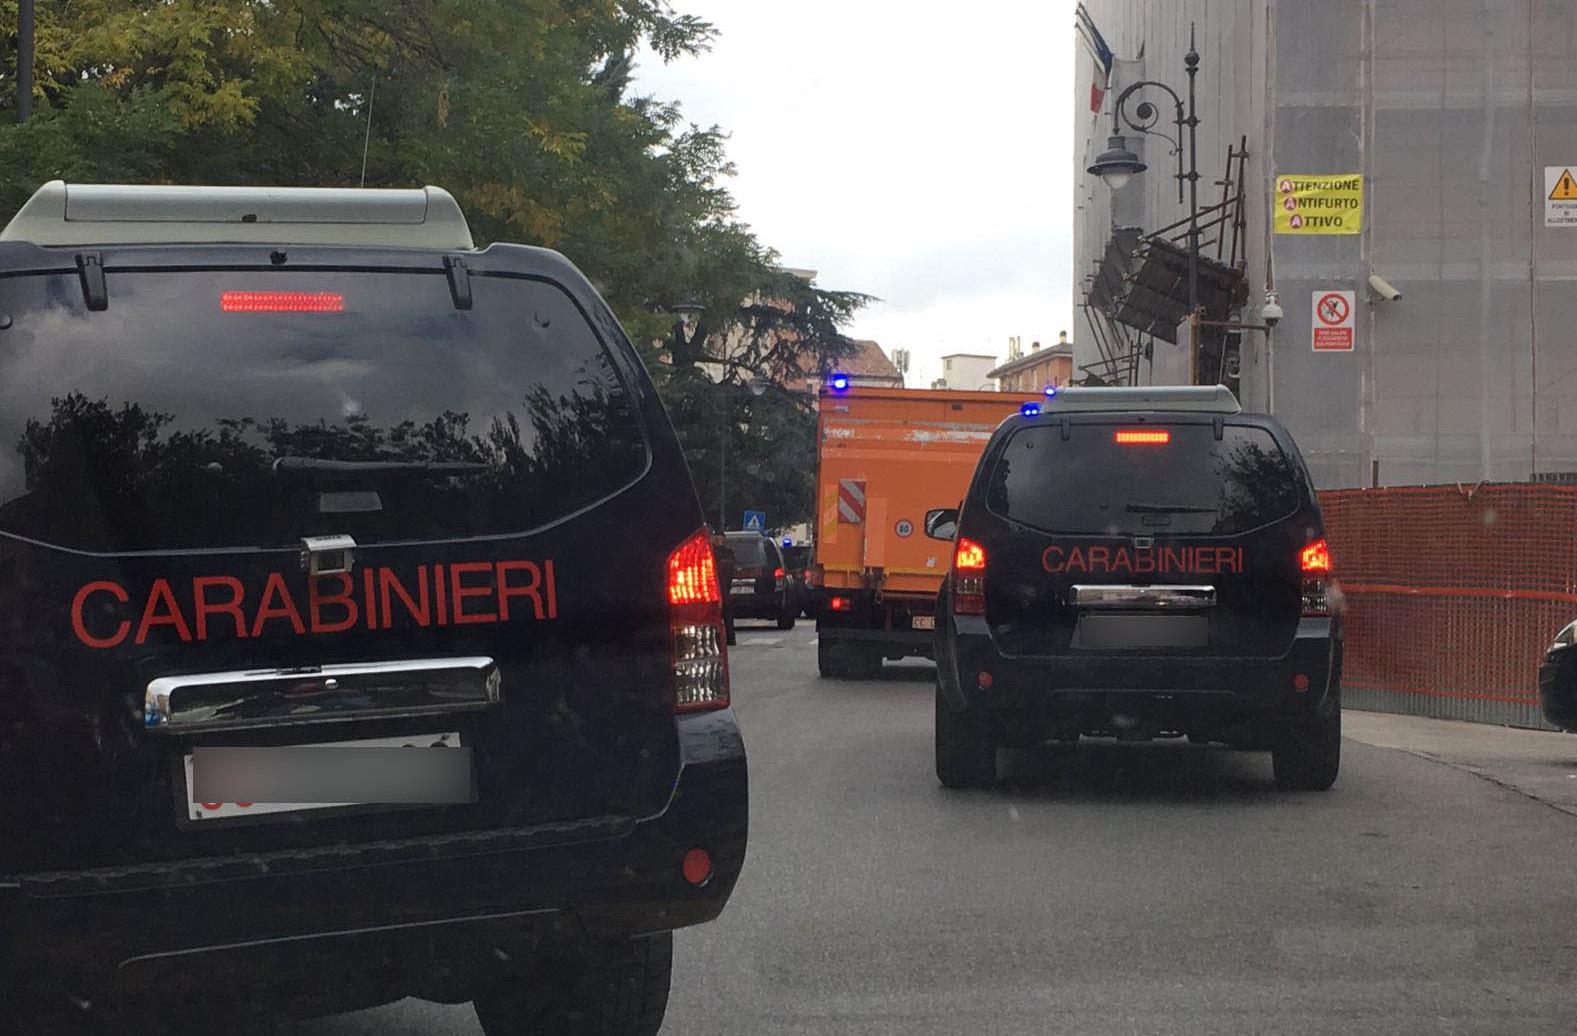 Camion scortati dai Carabinieri, curiosità e traffico in tilt in città